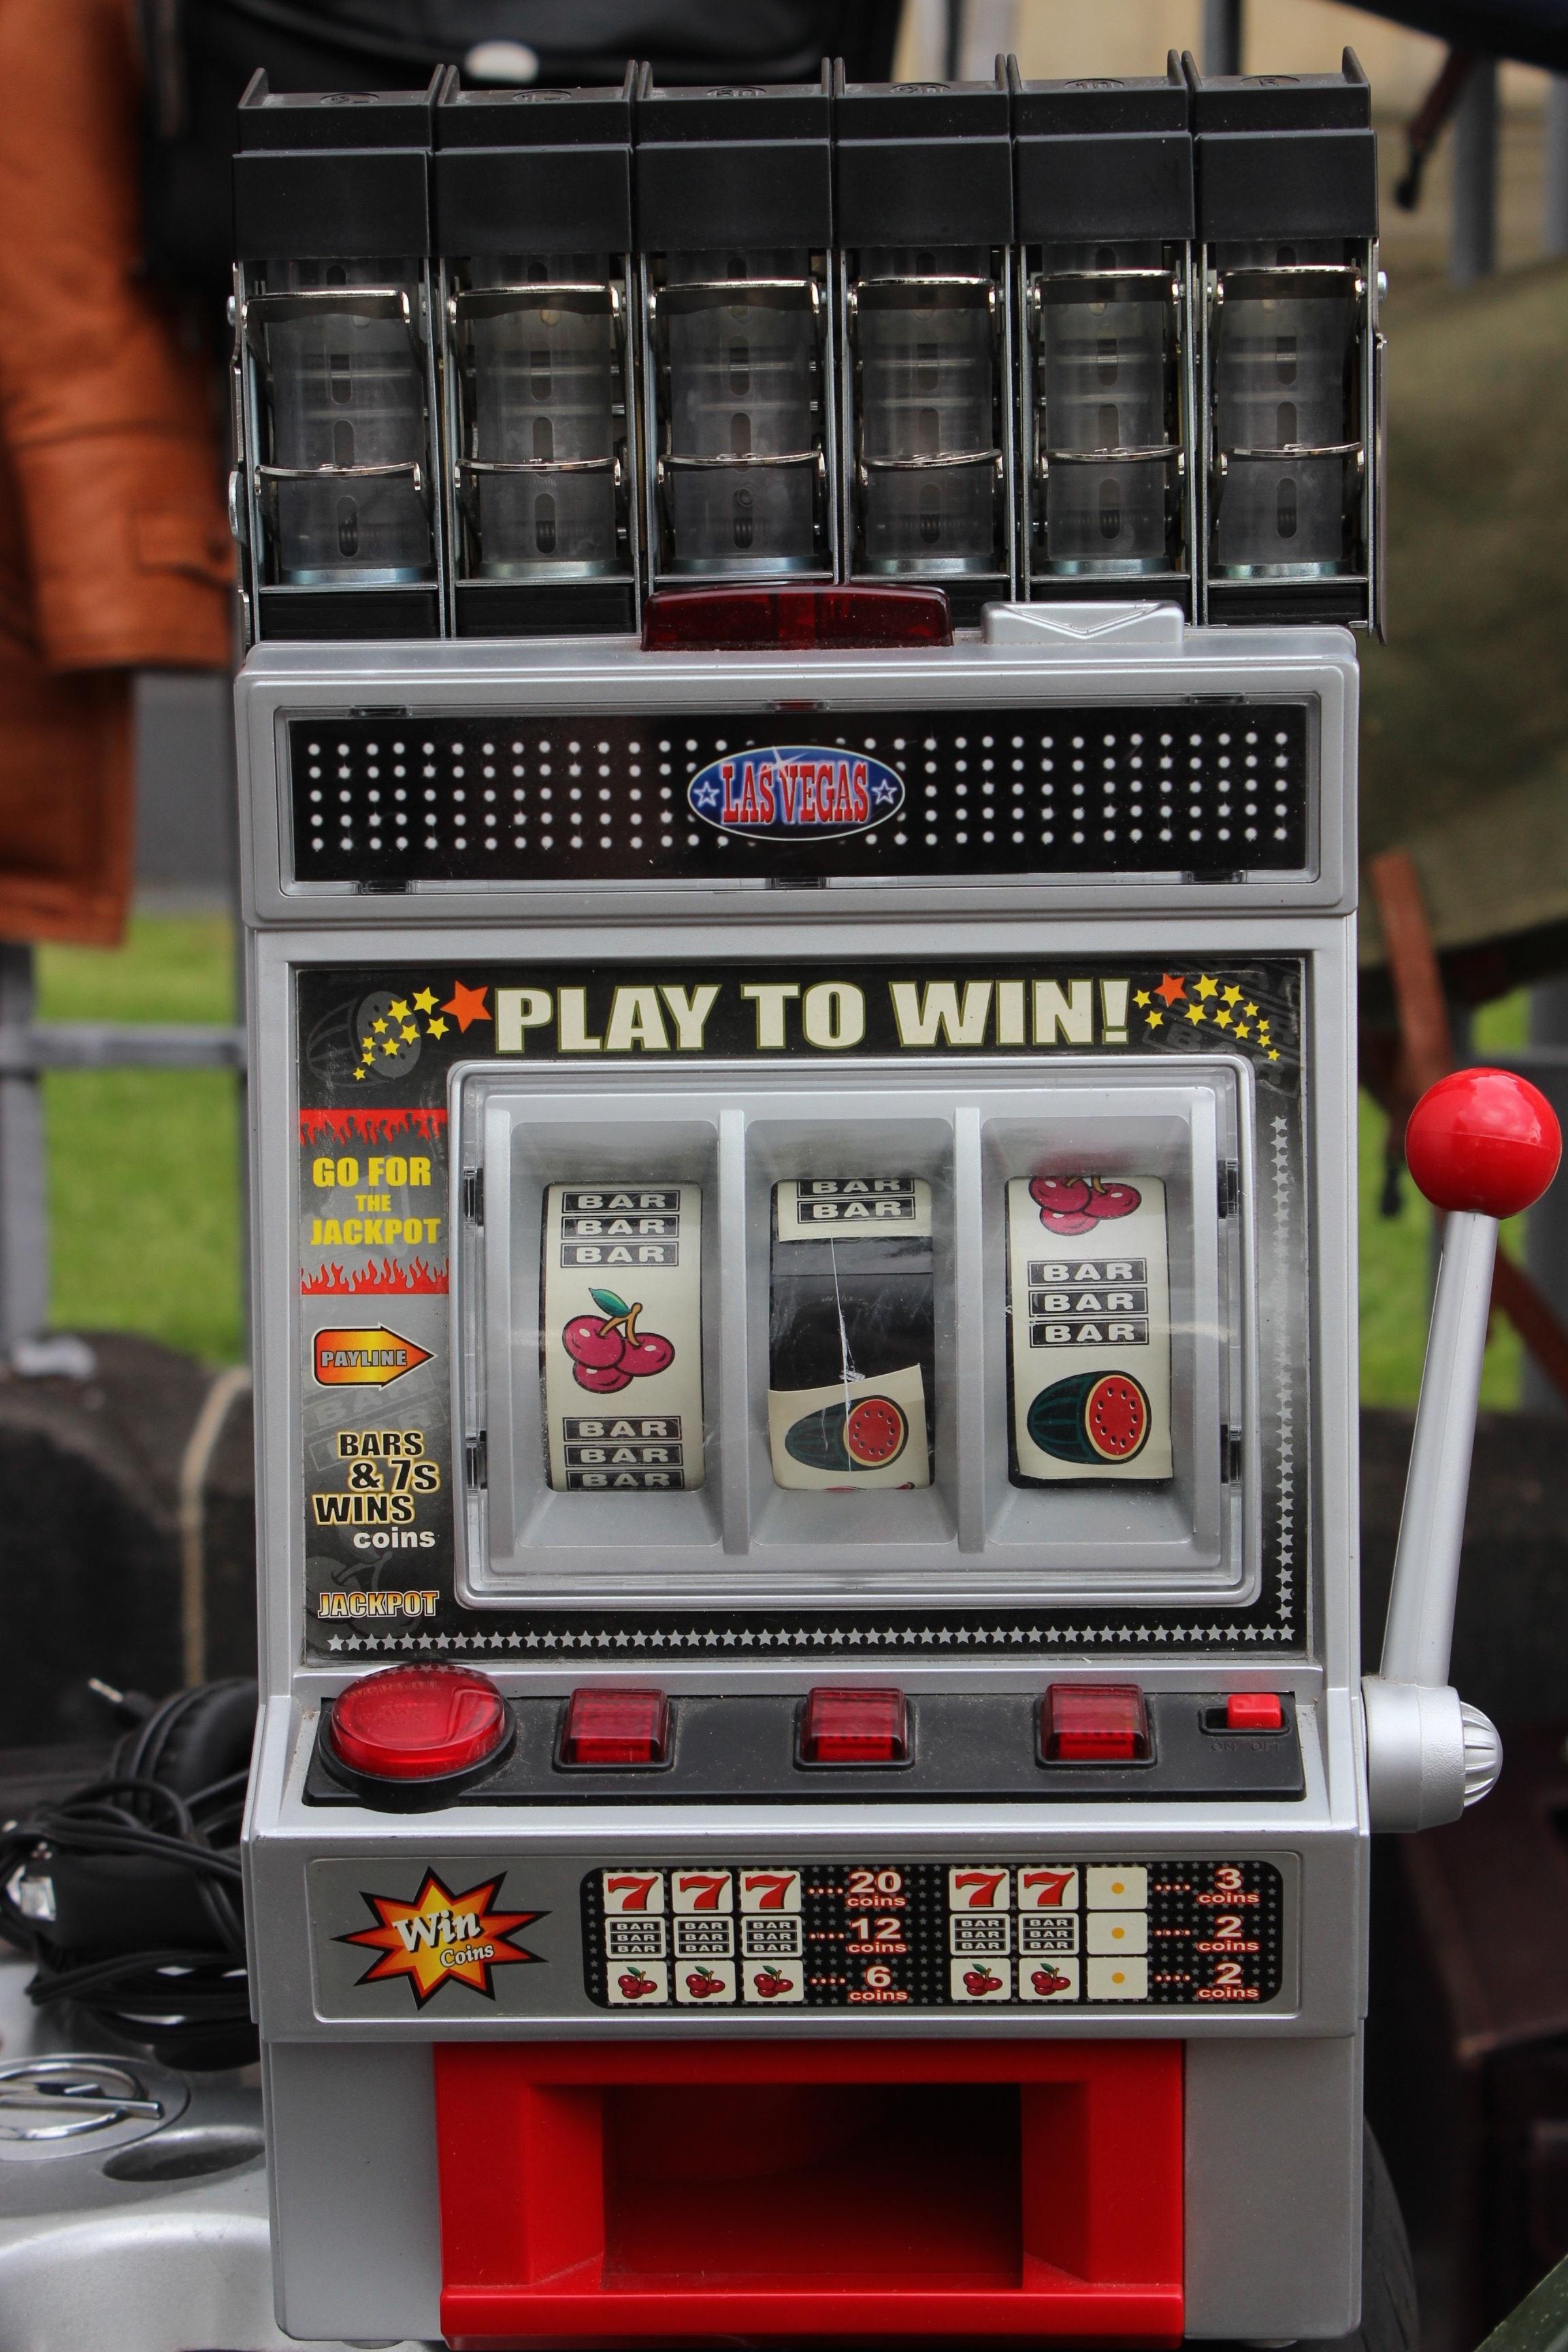 играть средство передвижения Деньги машина игровой автомат Азартные игры Один вооруженный бандит